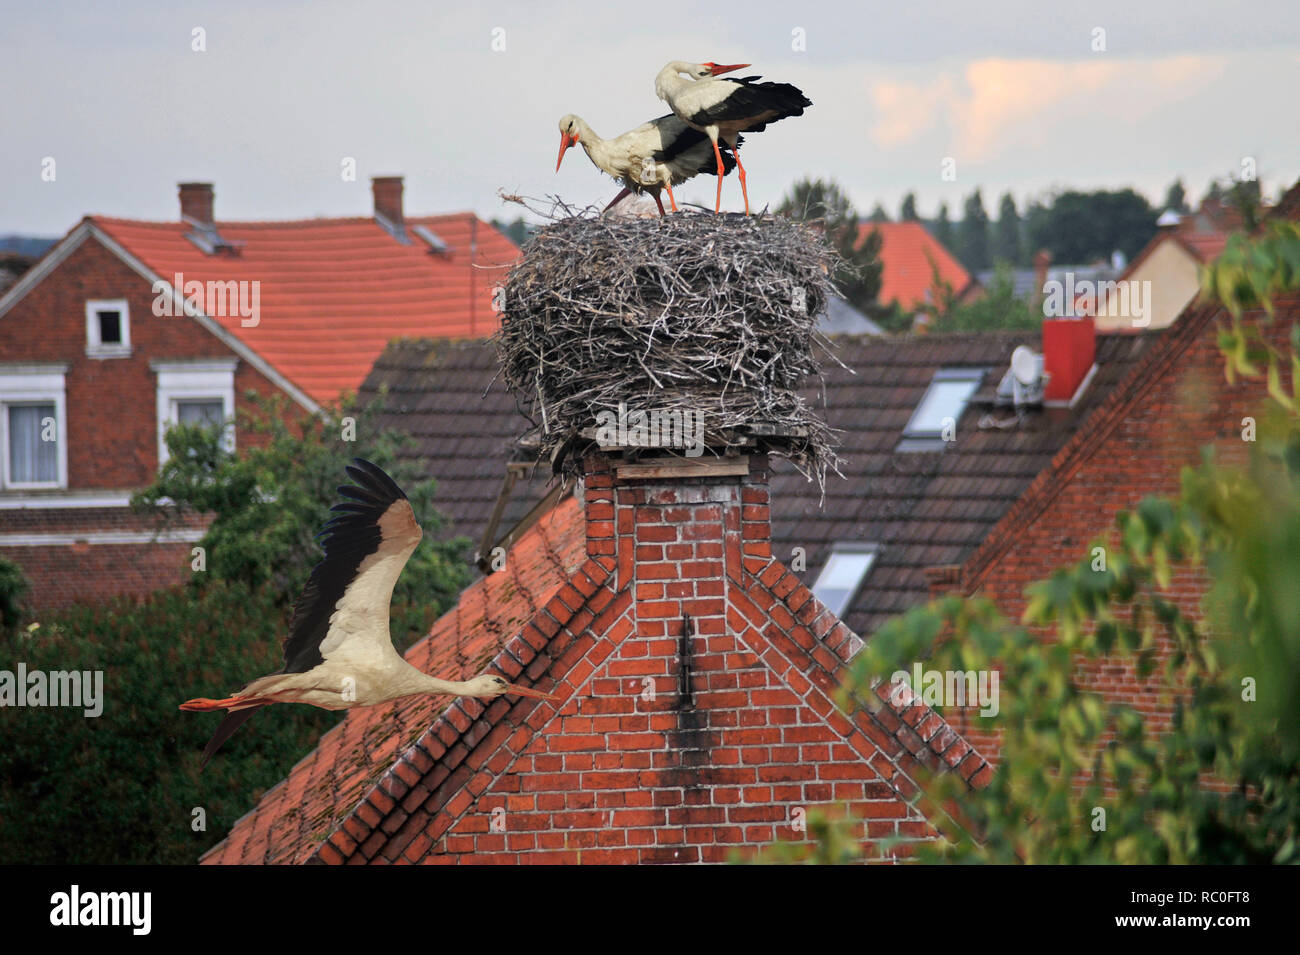 ##Weißstorch Ciconia ciconia; Familie: Störche ##Ciconiidae; Ordnung: Schreitvögel## Ciconiiformes, Störche bin Horst im Storchendorf Rühstädt, Lan Stockbild